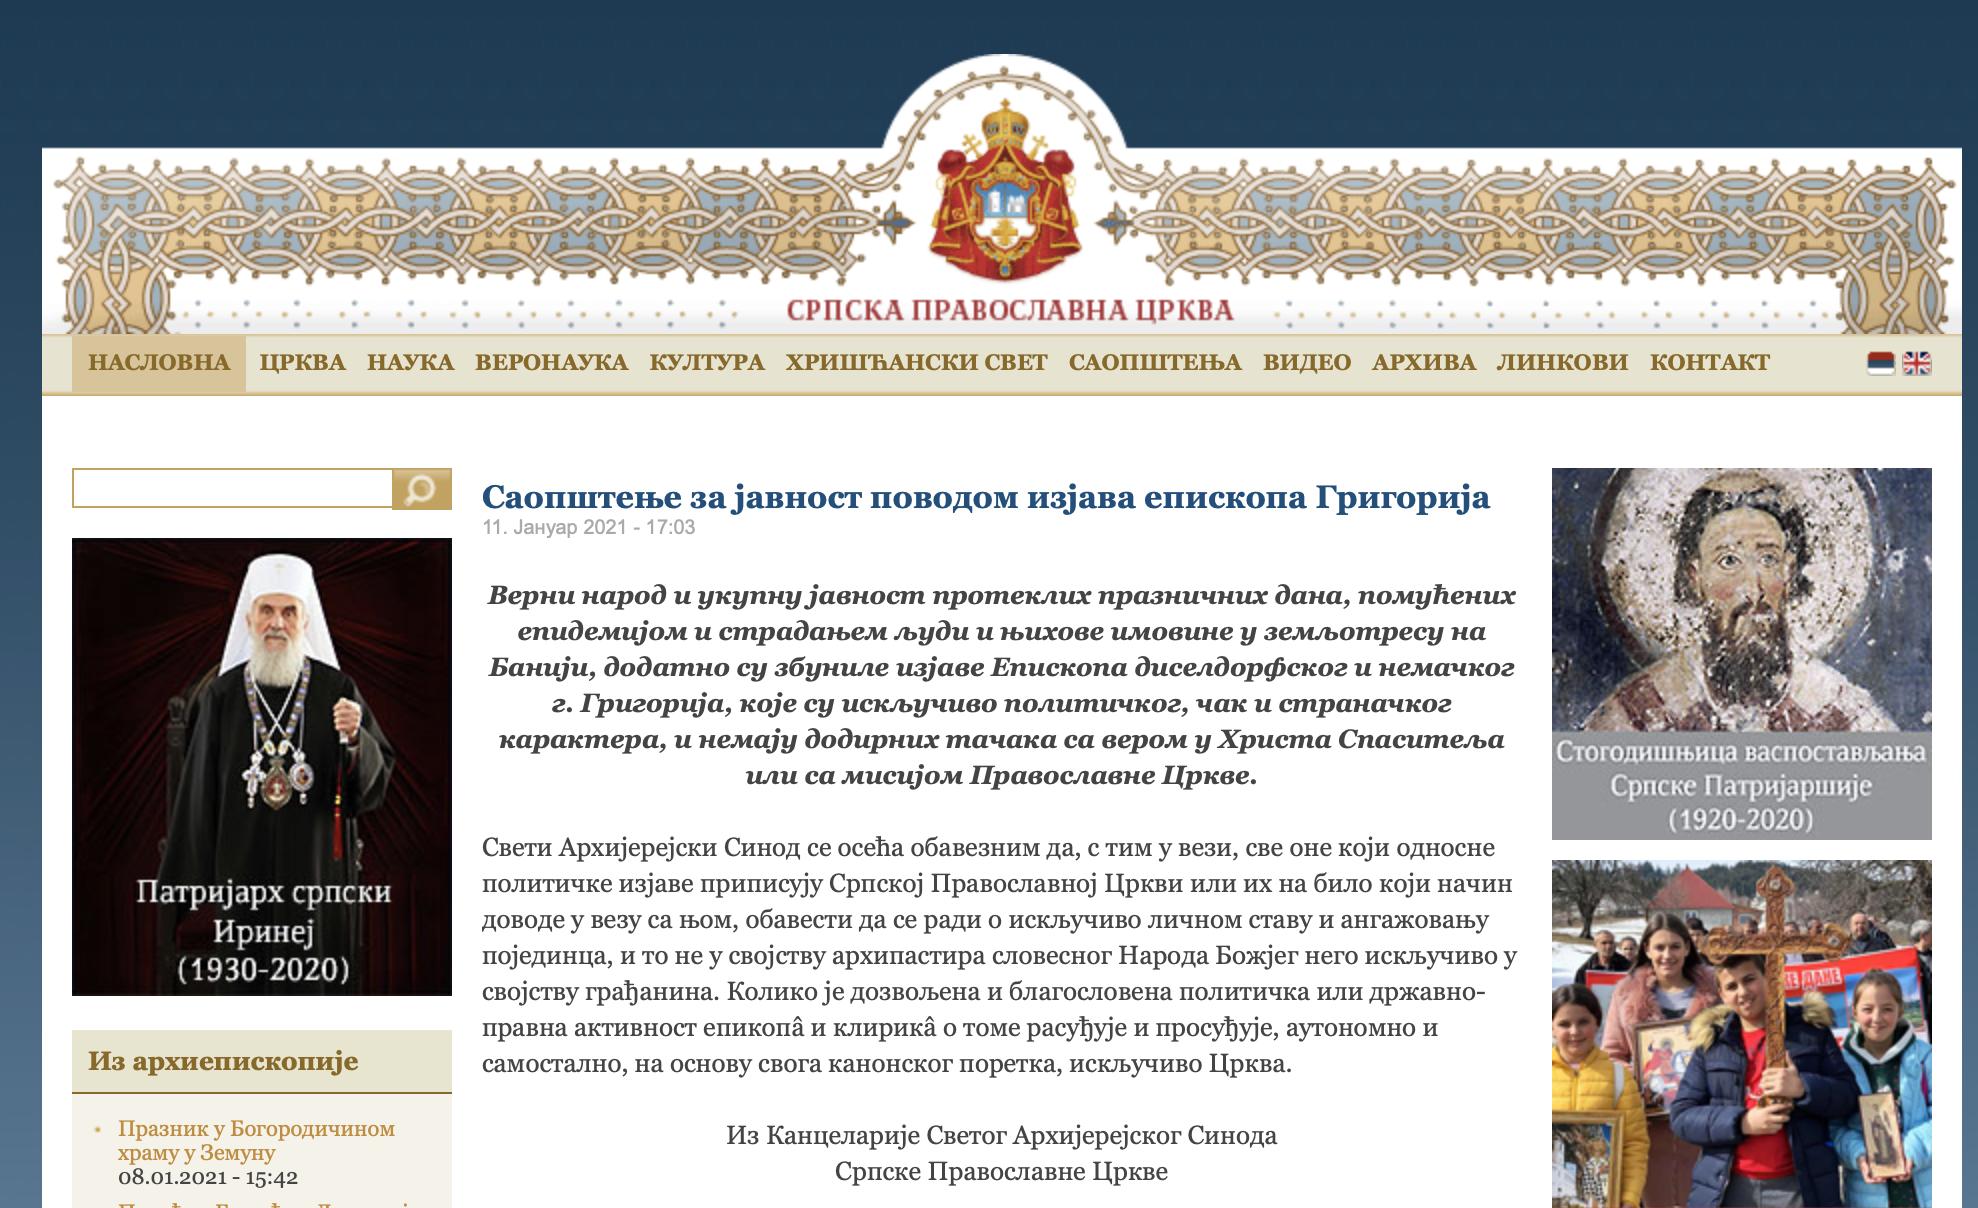 Свети Архијерејски Синод СПЦ-а се оградио од Григорија: Његове изјаве су политичке и немају везе са мисијом Православне Цркве